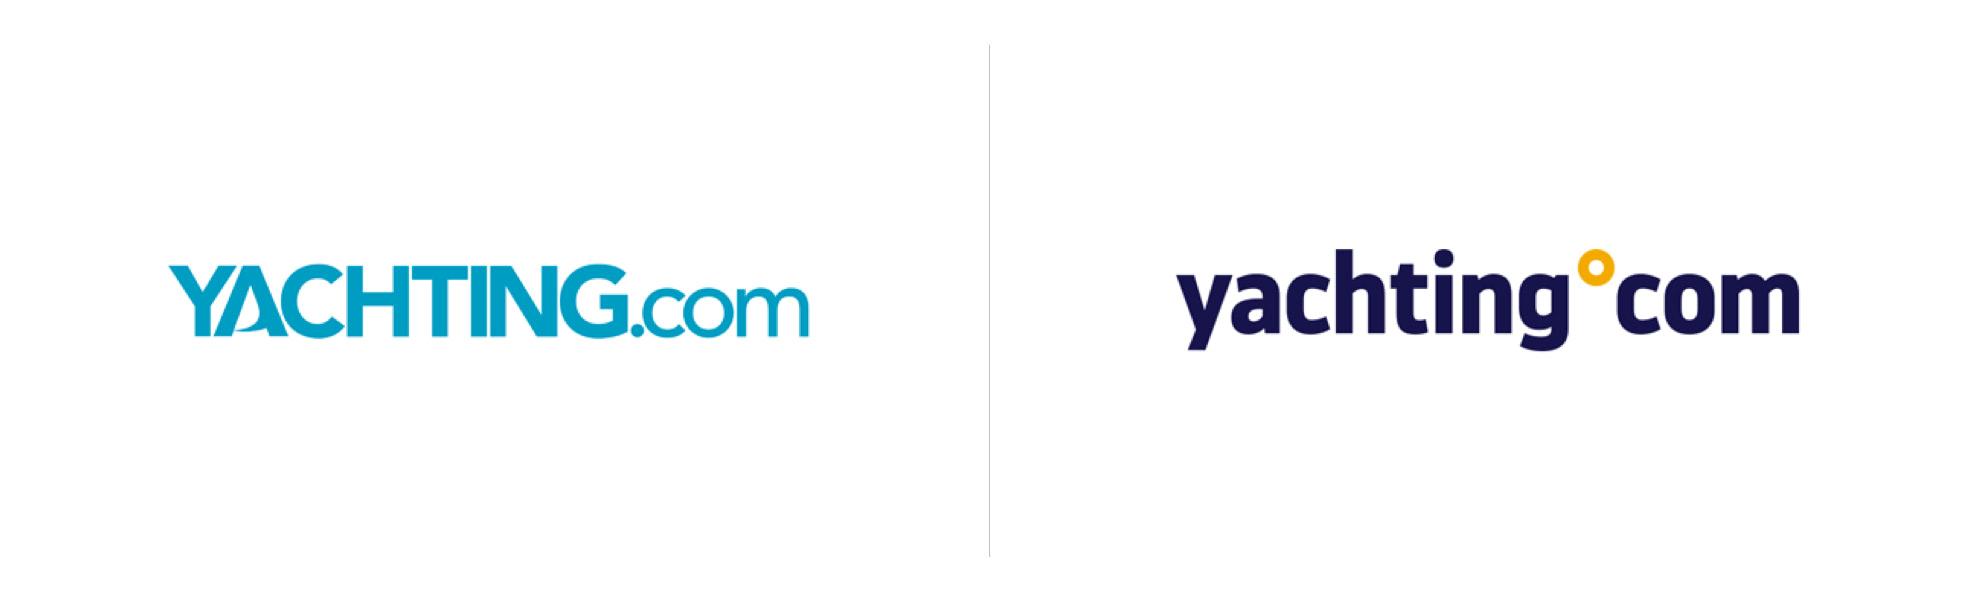 rebranding serwisu yachting.com